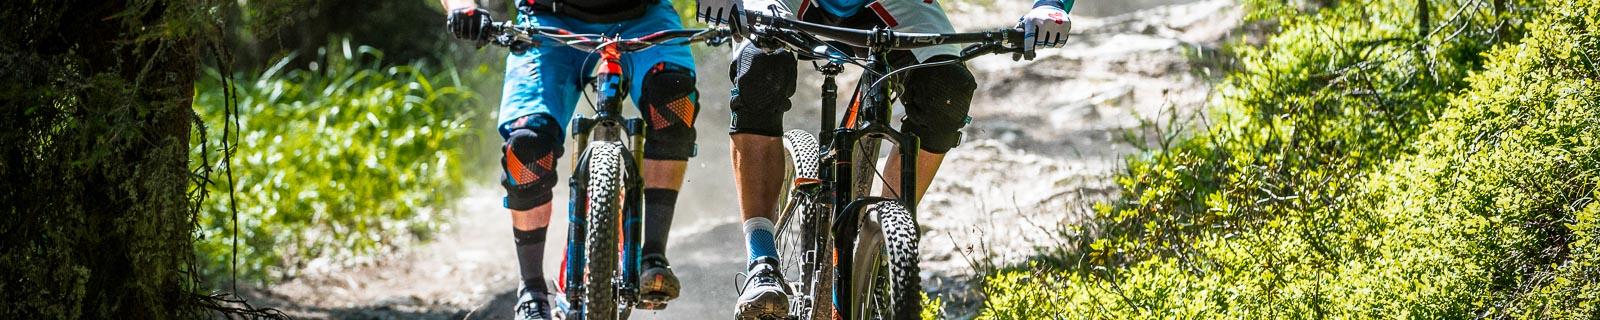 Mountainbikes Biammortizzate